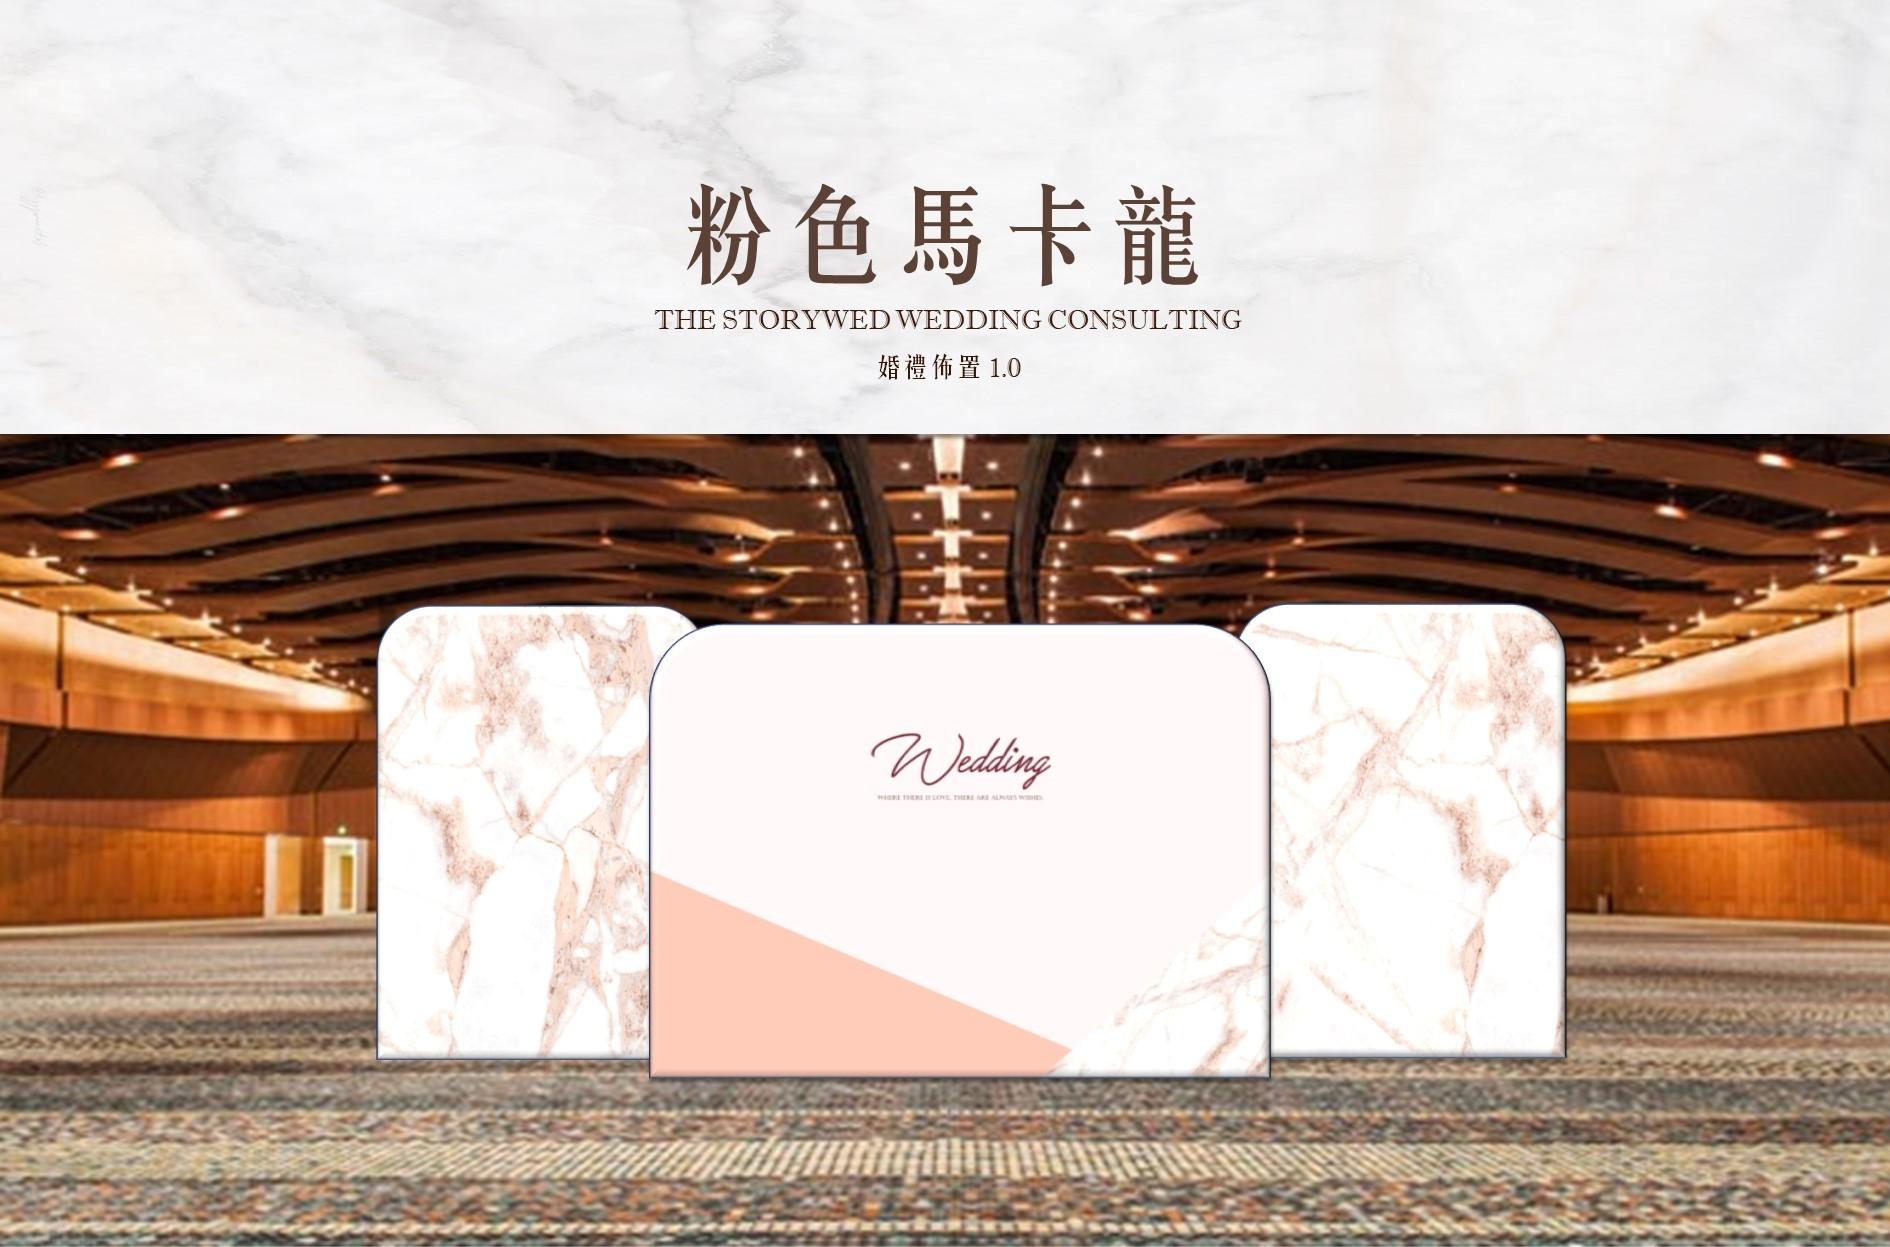 〖婚禮佈置1.0〗粉色馬卡龍